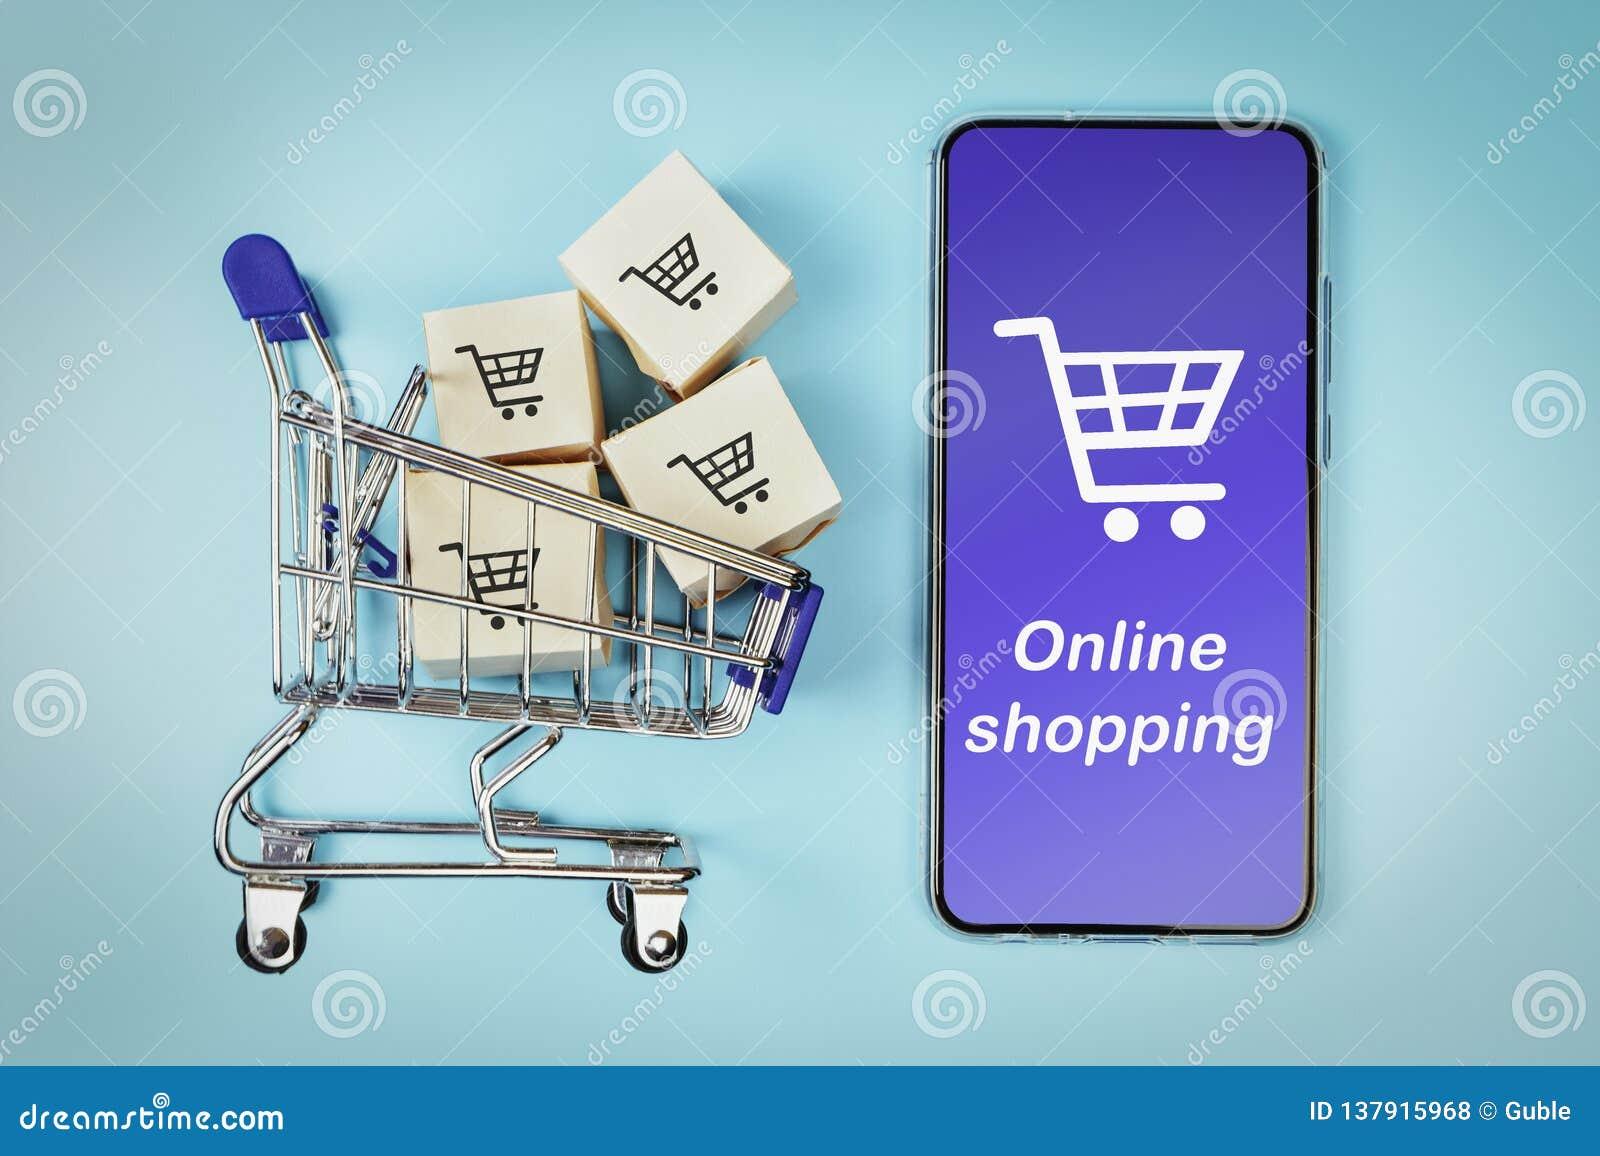 Askar i en shoppa vagn och en smartphone på blå bakgrund Begrepp: online-shopping, e-kommers och leverans av gods